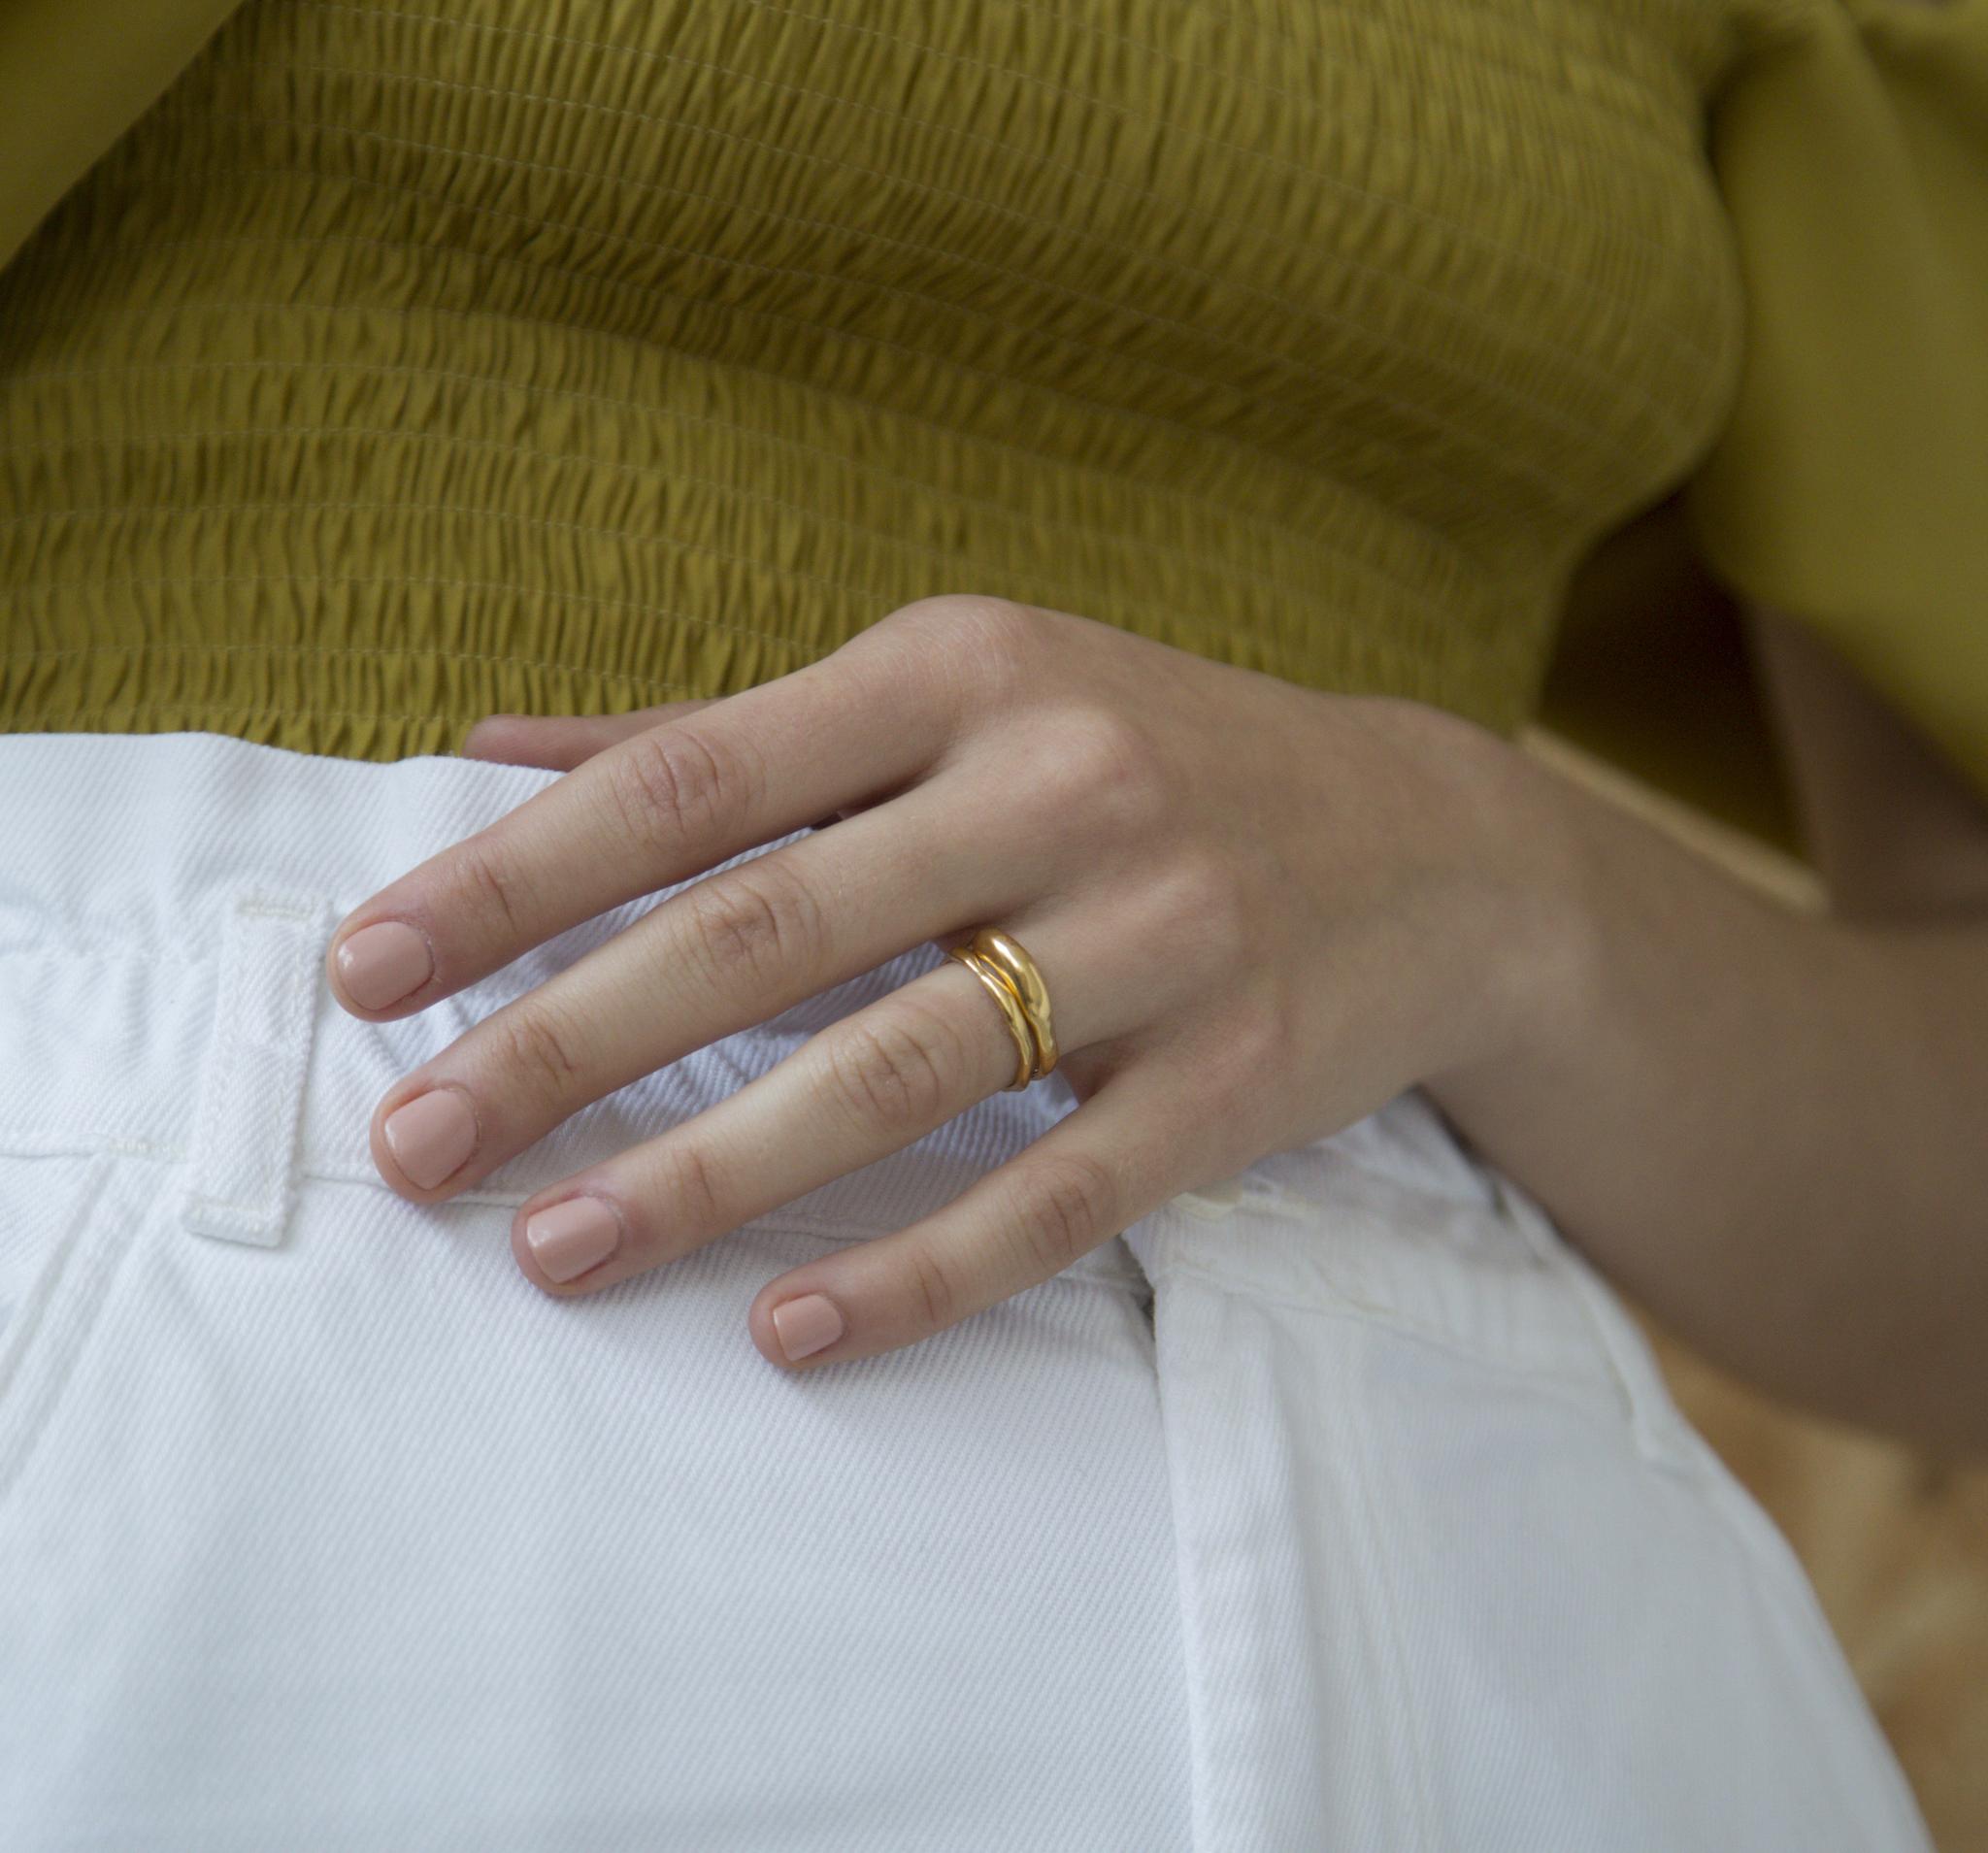 Стильное позолоченное кольцо из серебра в виде застывшего металла